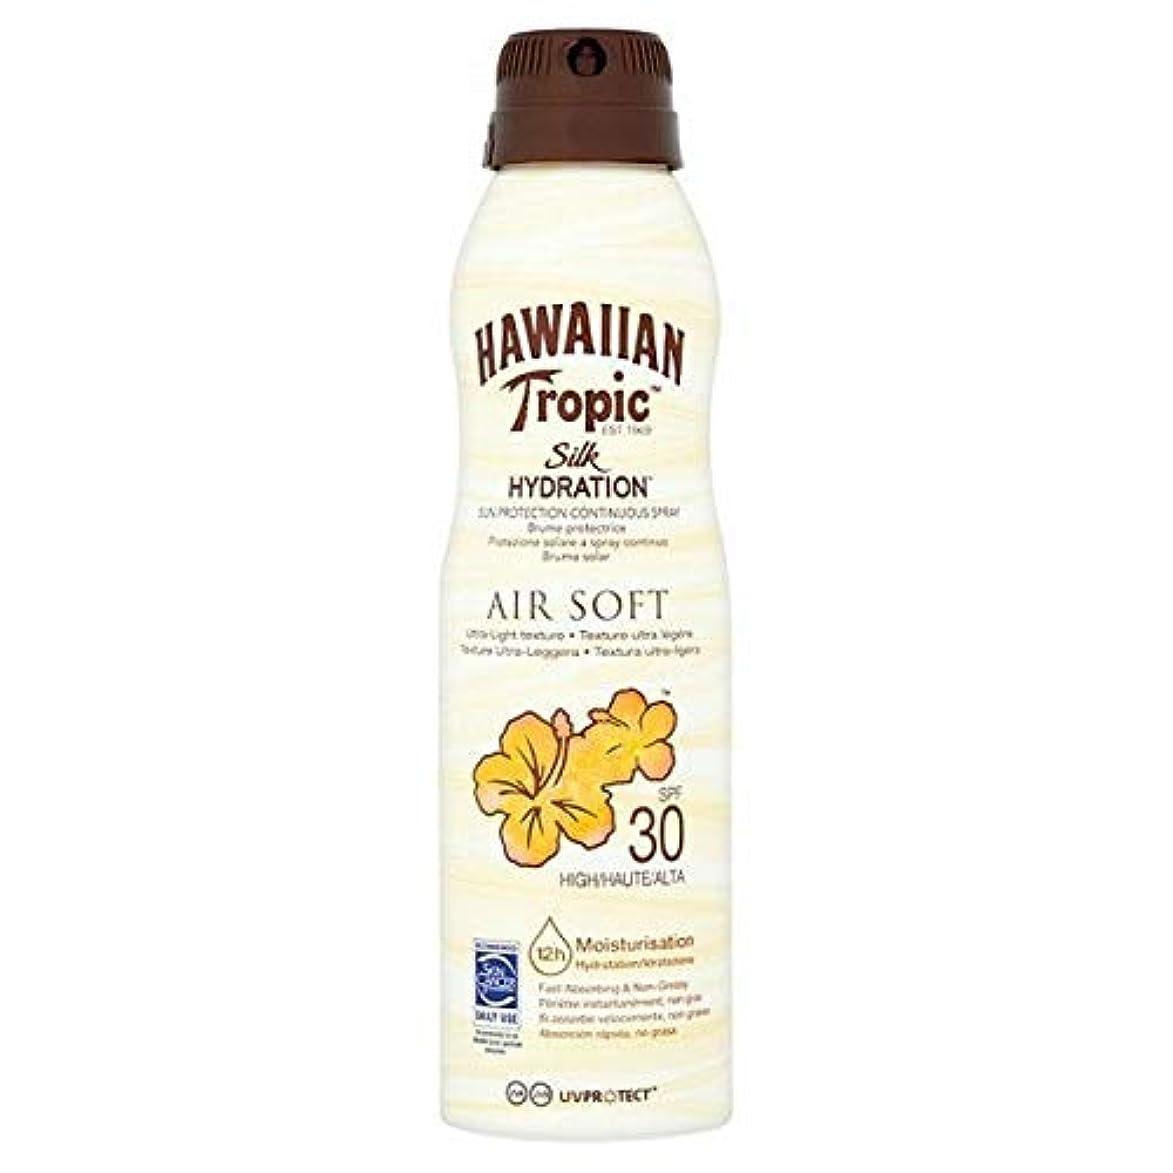 解くカウボーイスケジュール[Hawaiian Tropic ] H /向性絹水和エアガン連続スプレーSpf30の177ミリリットル - H/Tropic Silk Hydration Airsoft Continuous Spray SPF30...